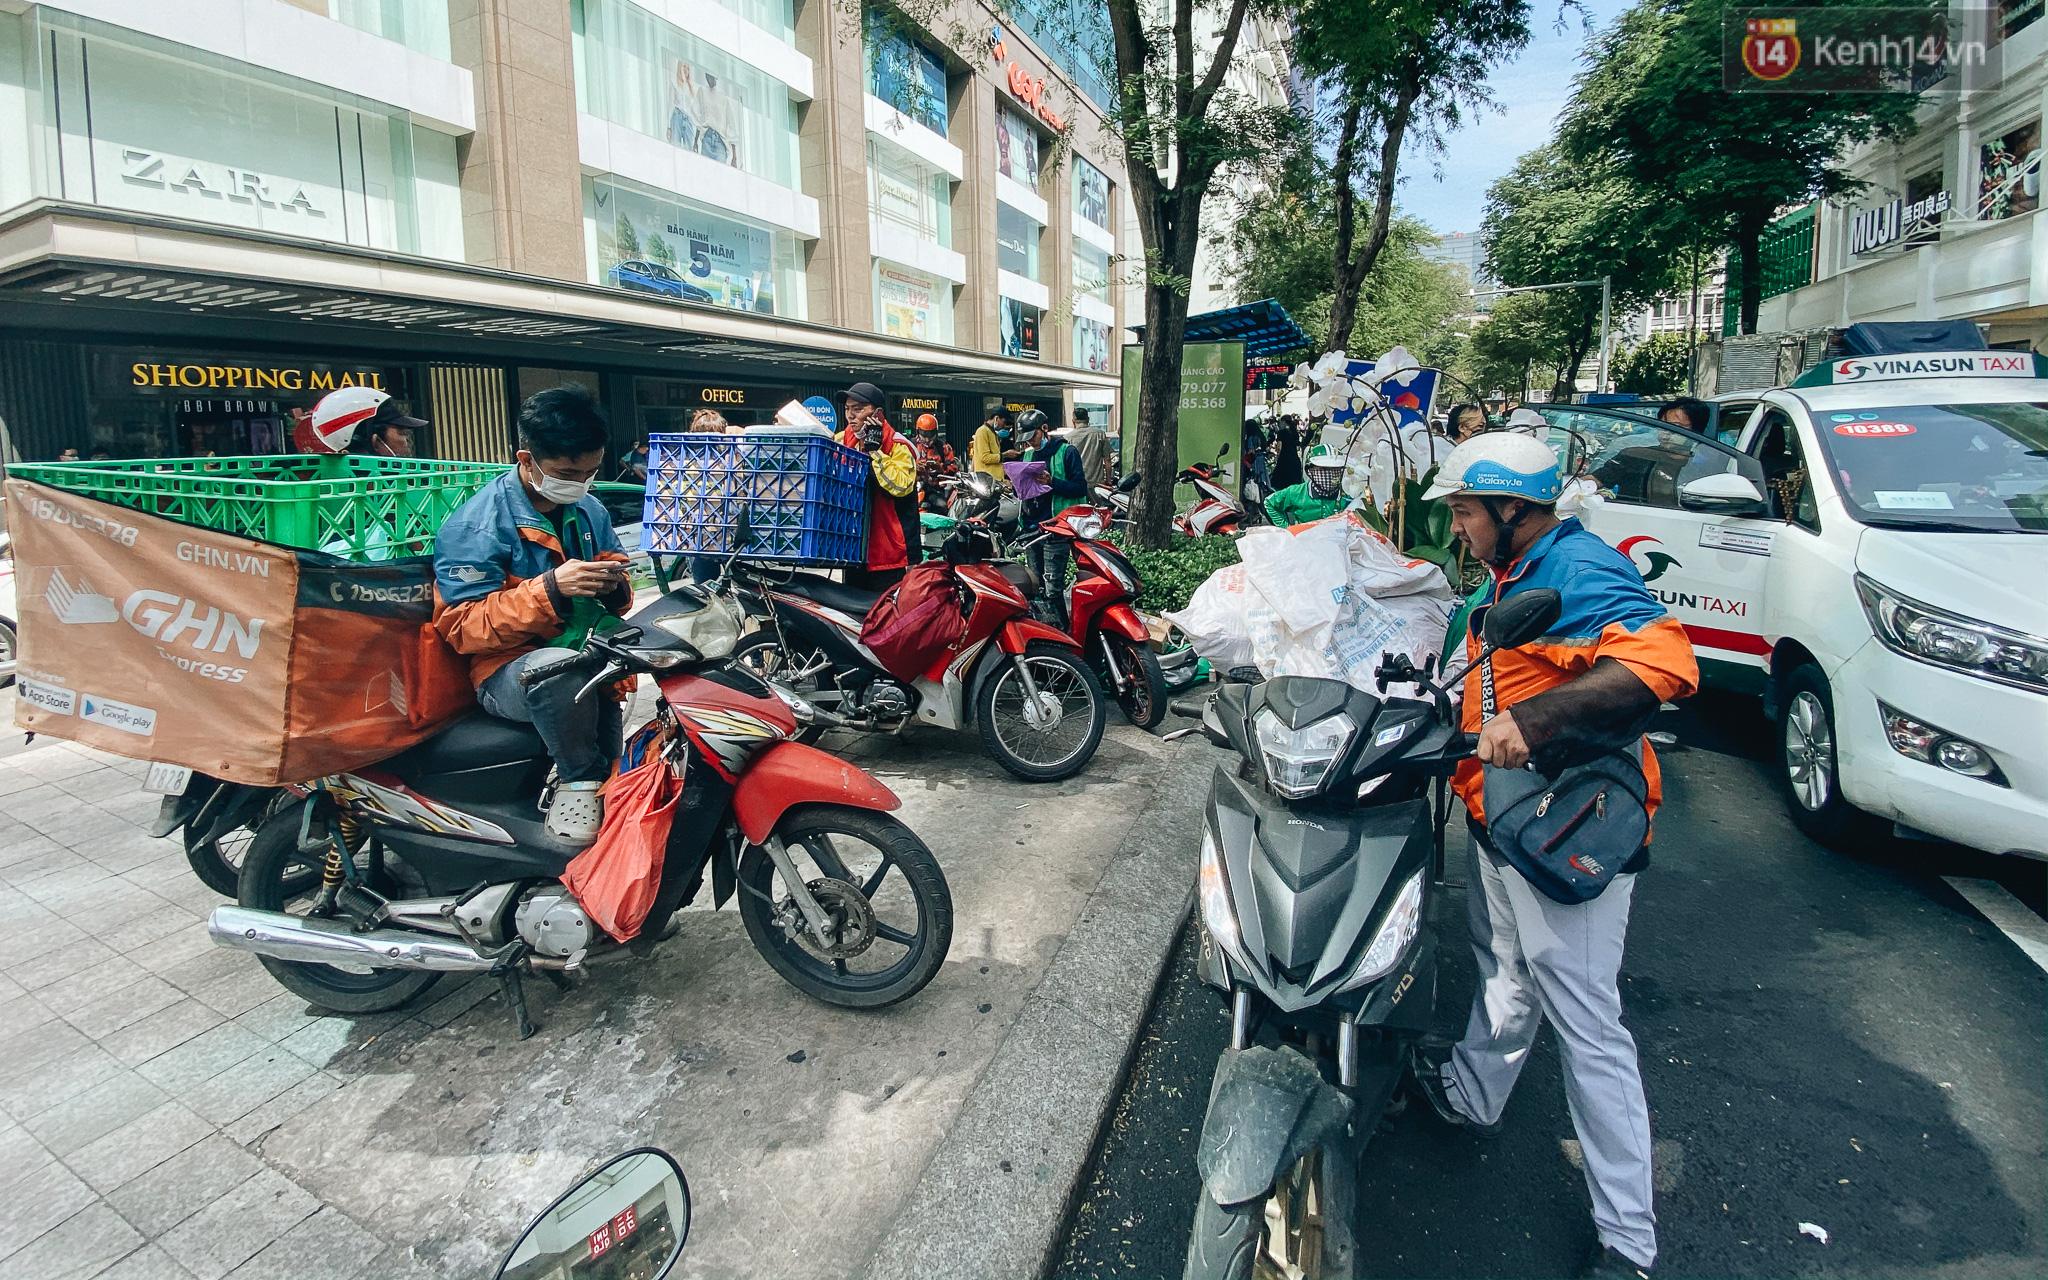 Ảnh: Shipper Sài Gòn làm việc hết công suất, nhận hàng trăm đơn hàng trong ngày Black Friday